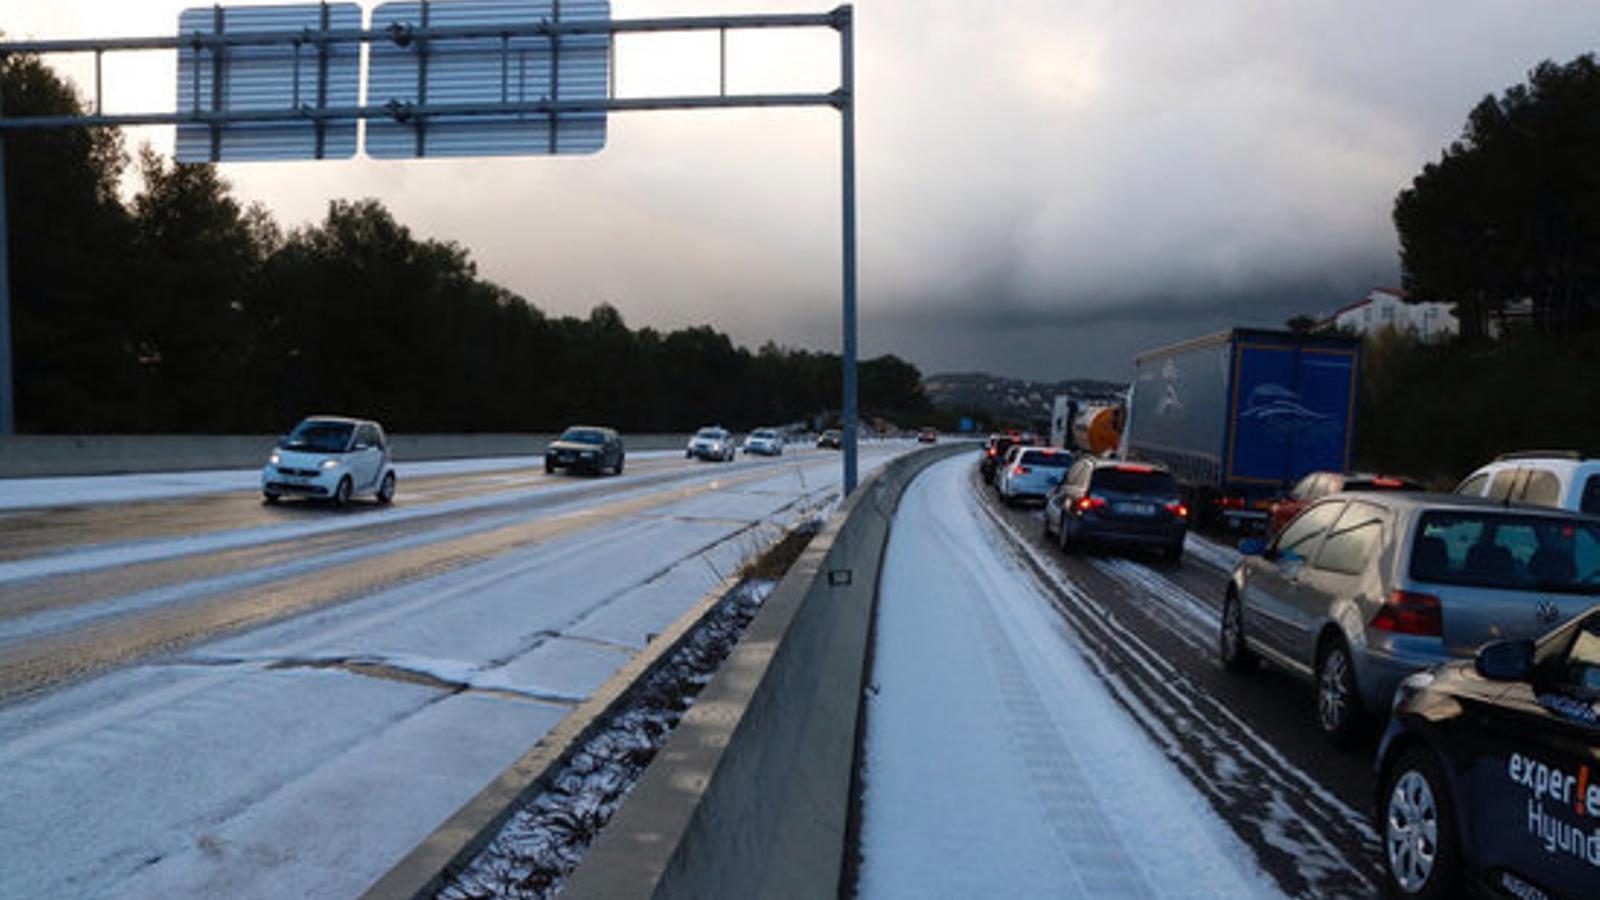 La calamarsa i la neu causa llargues cues a les carreteres